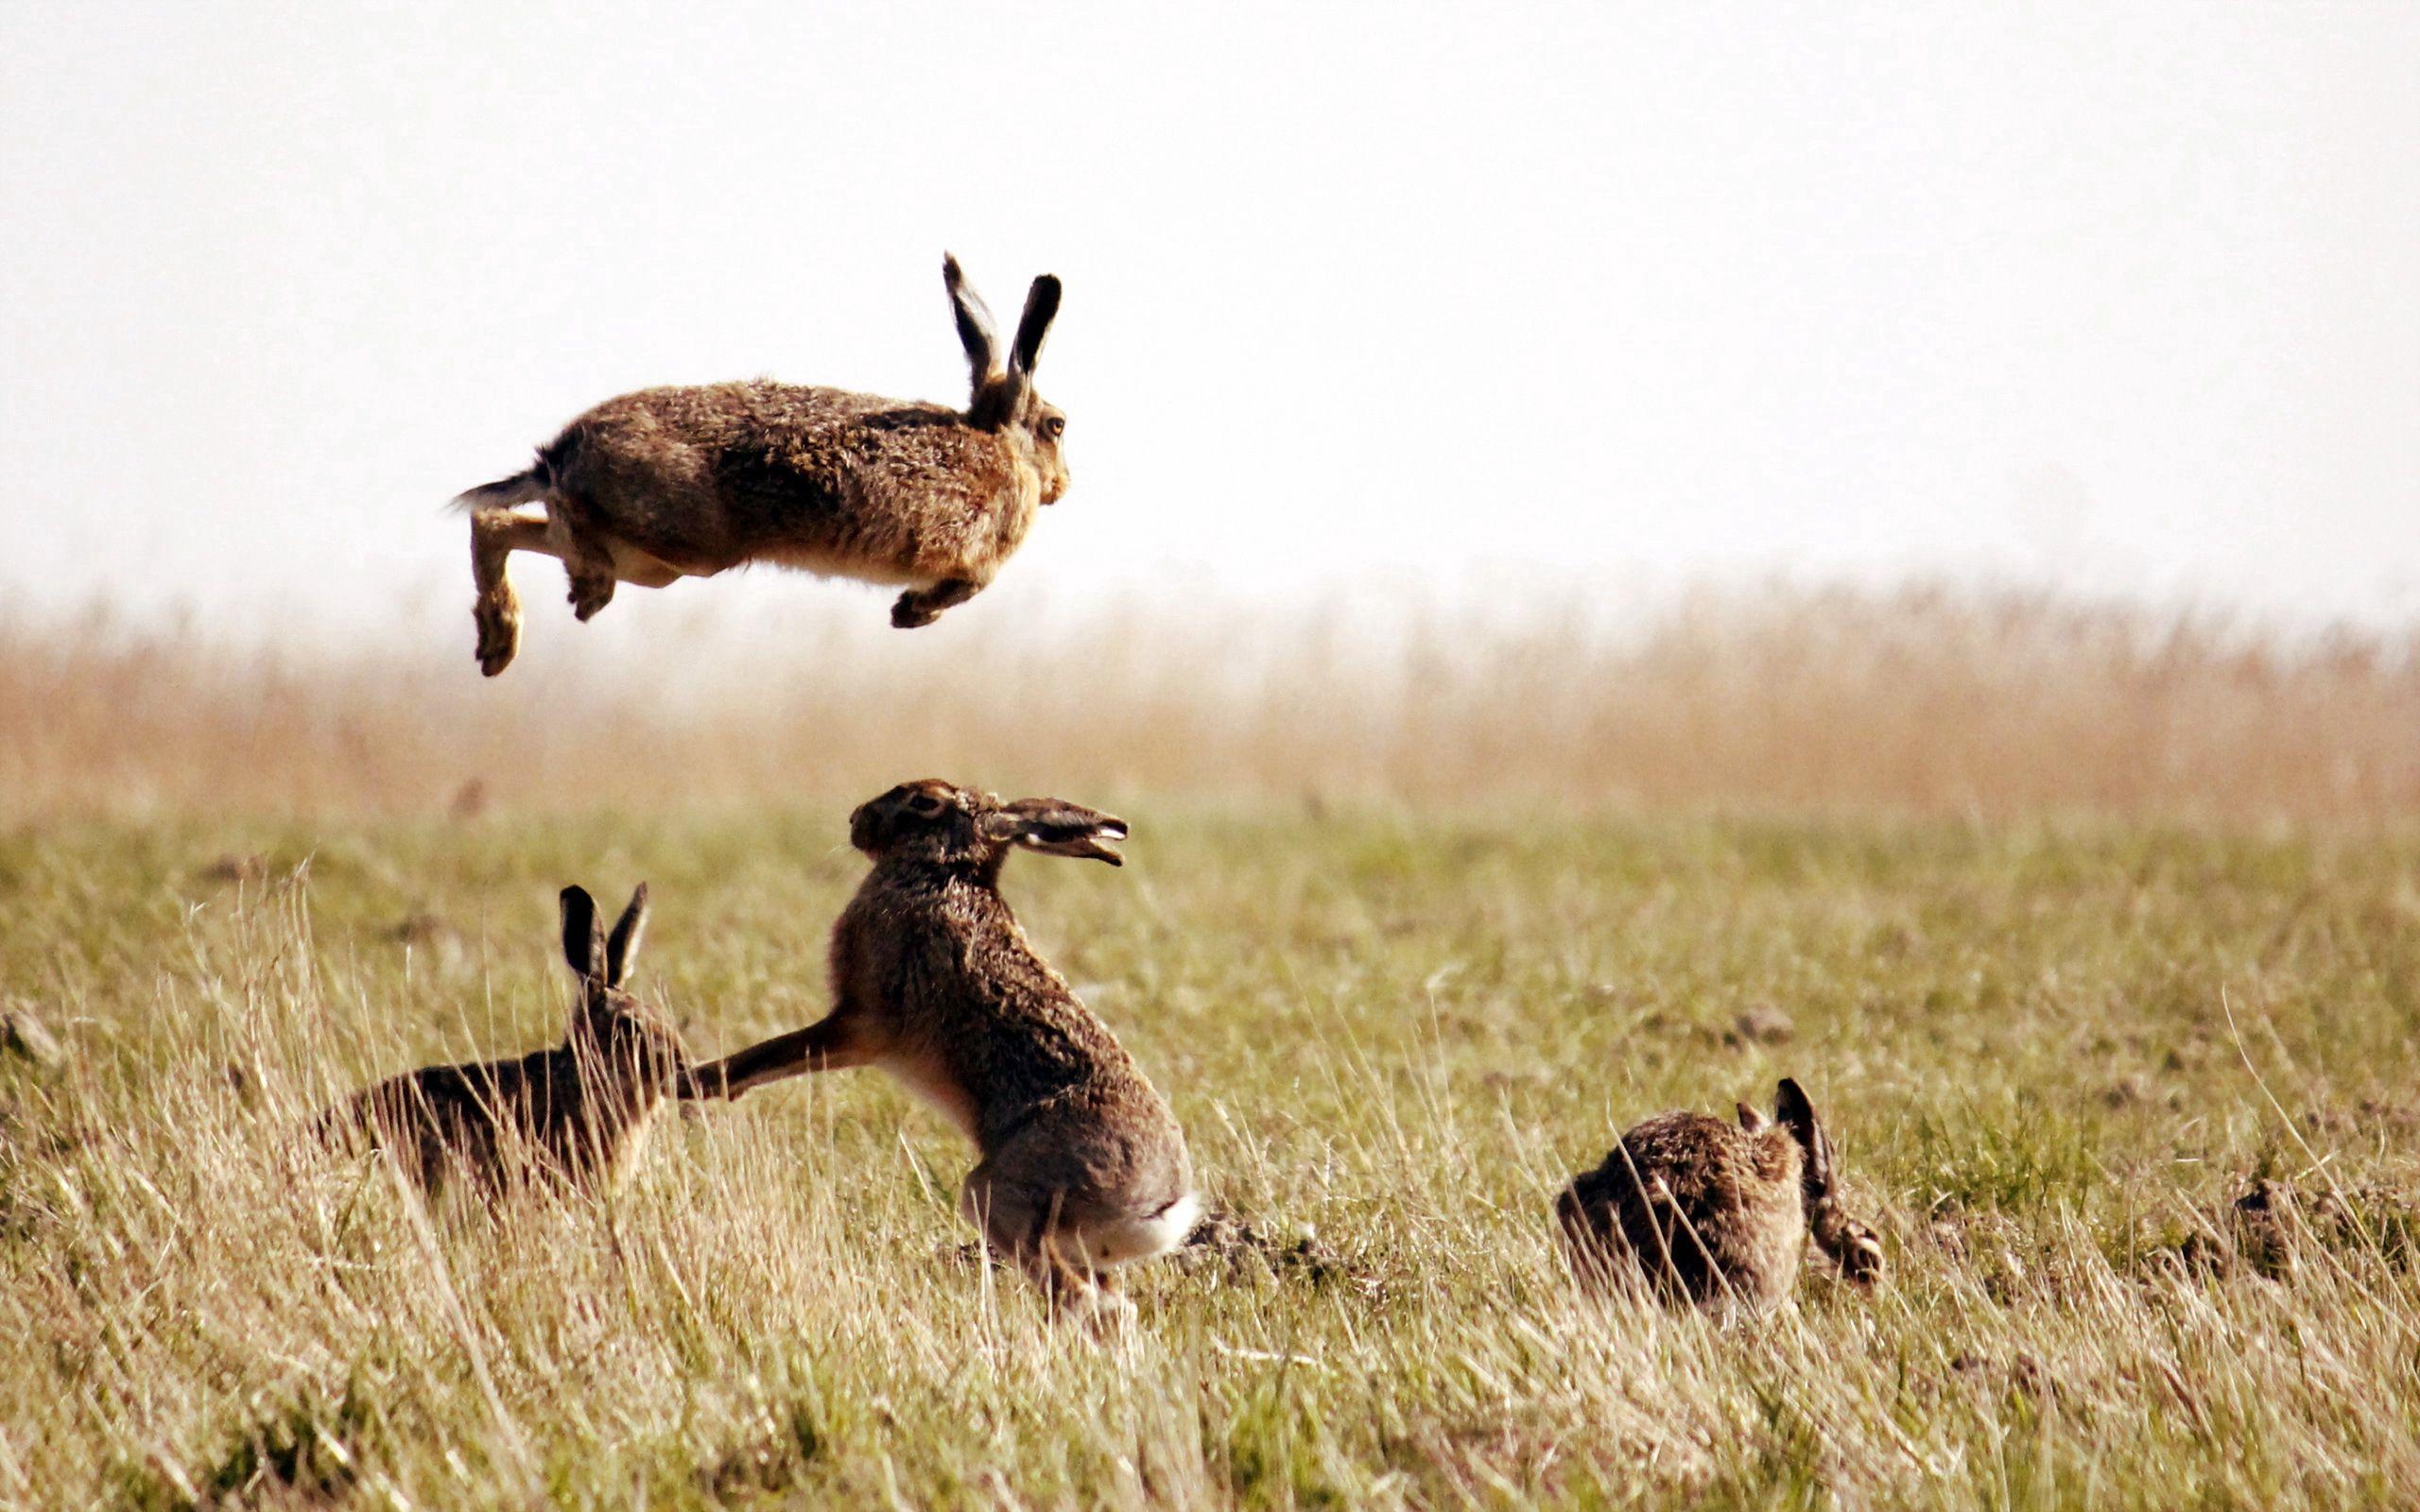 111496 Hintergrundbild herunterladen Tiere, Grass, Feld, Prallen, Springen, Hasen - Bildschirmschoner und Bilder kostenlos